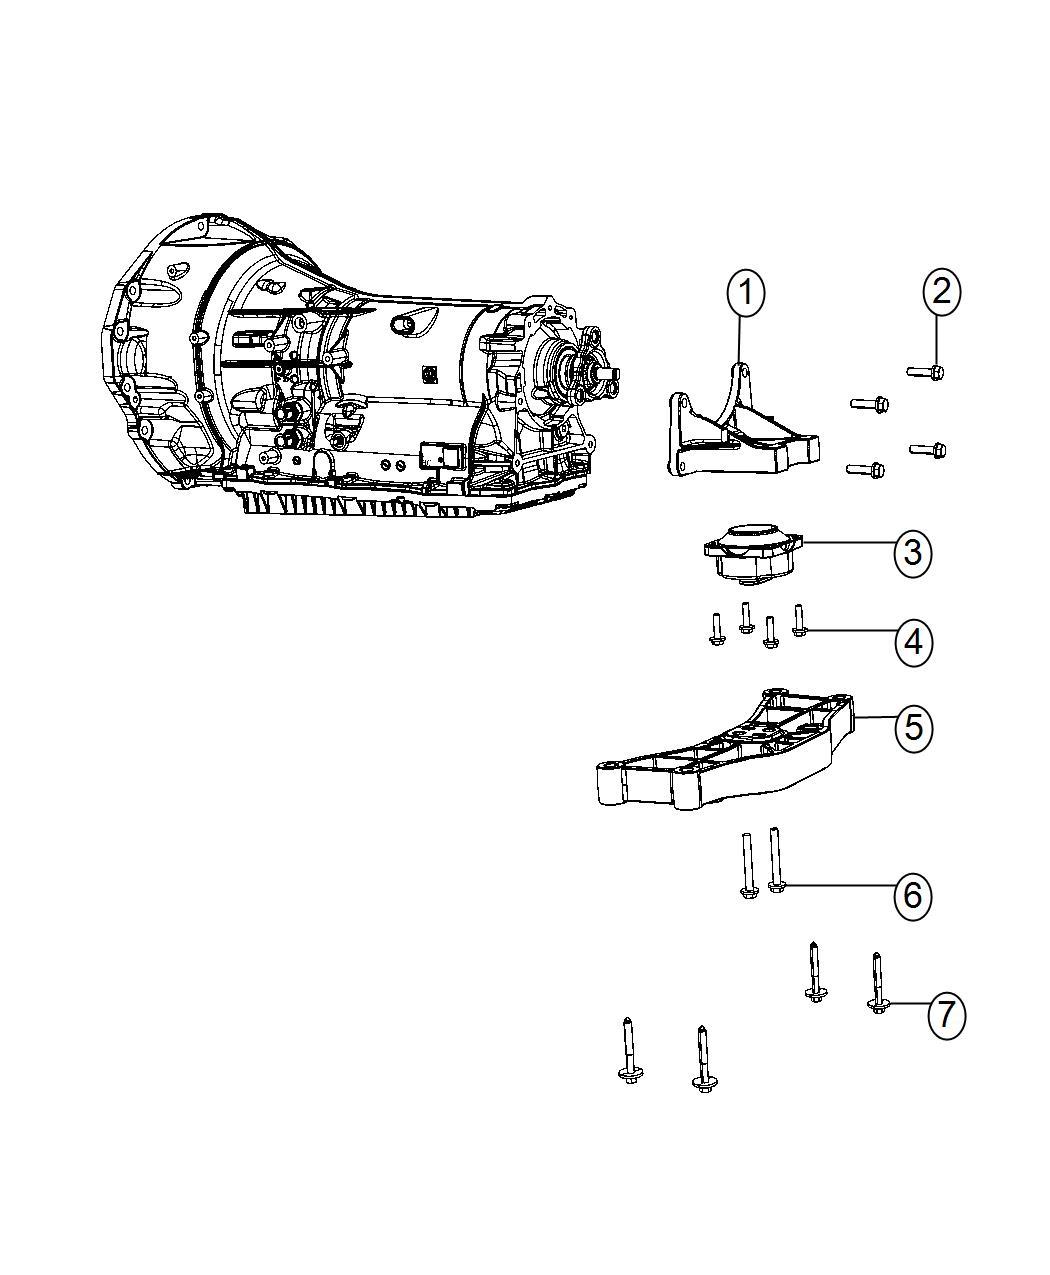 2016 Dodge Charger Bracket. Transmission mount